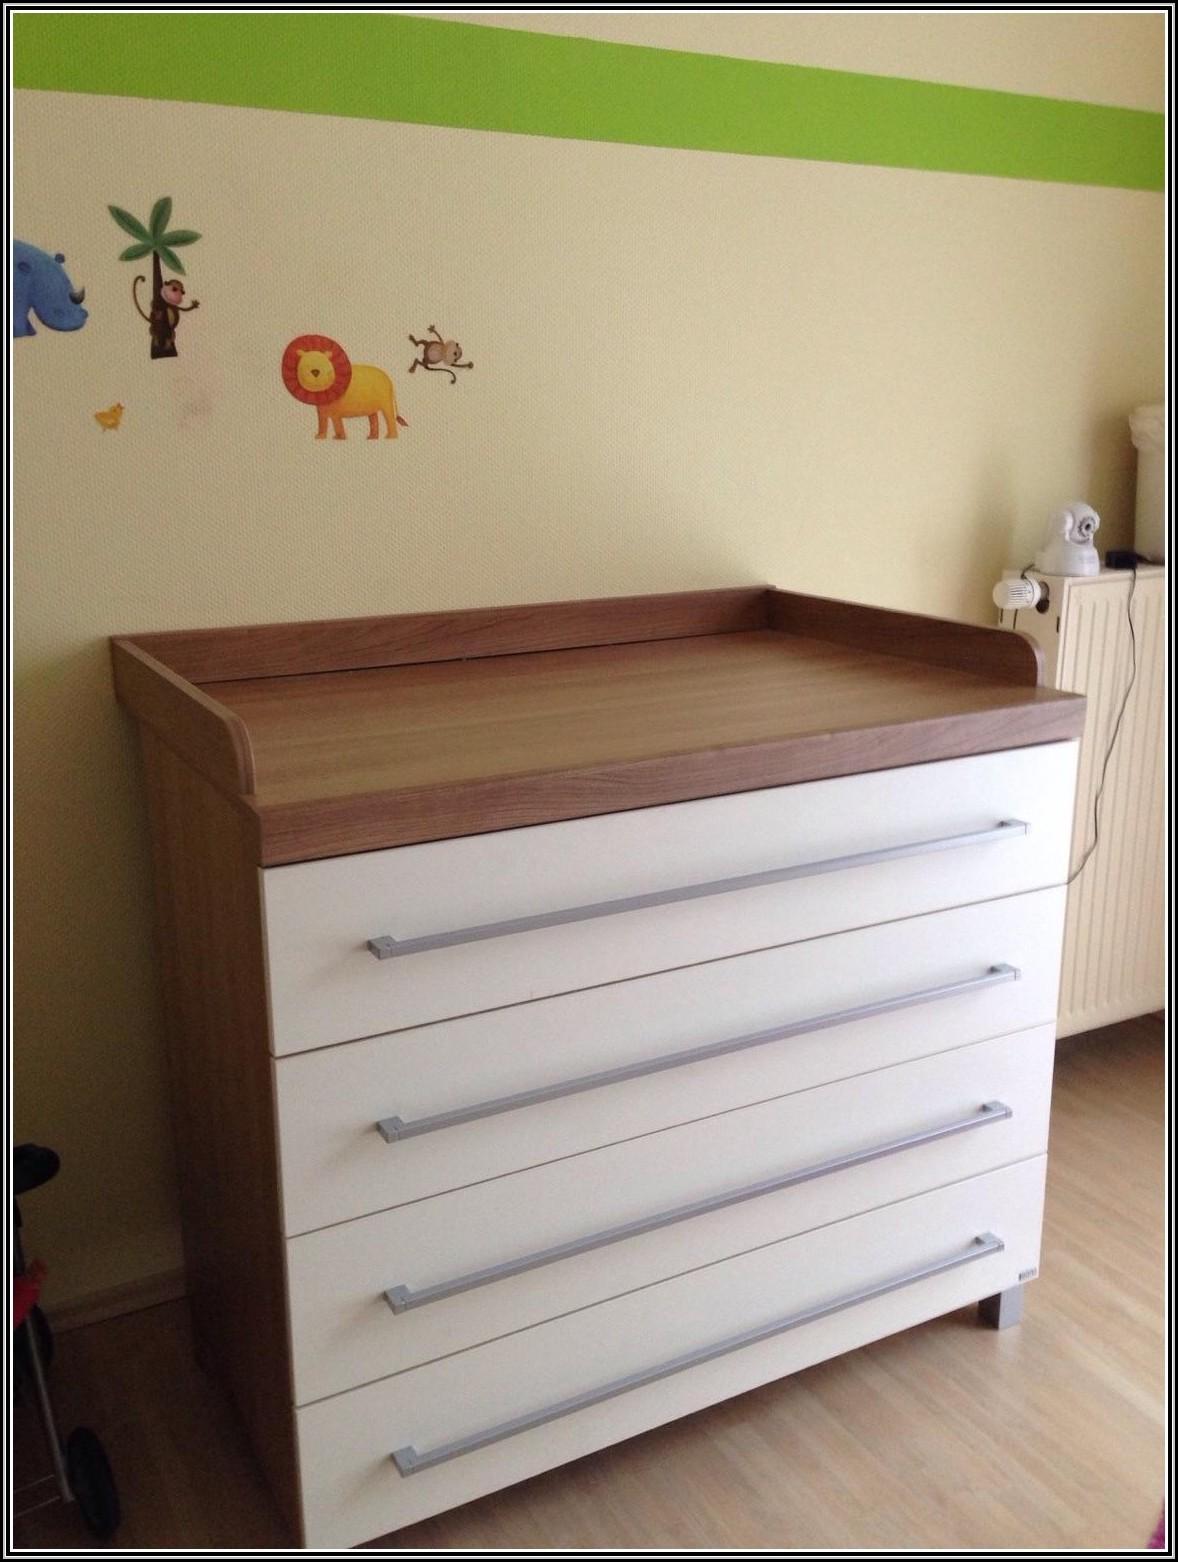 Paidi kinderzimmer gebraucht kinderzimme house und dekor galerie 6nrpdonryp - Kinderzimmer vanessa paidi ...